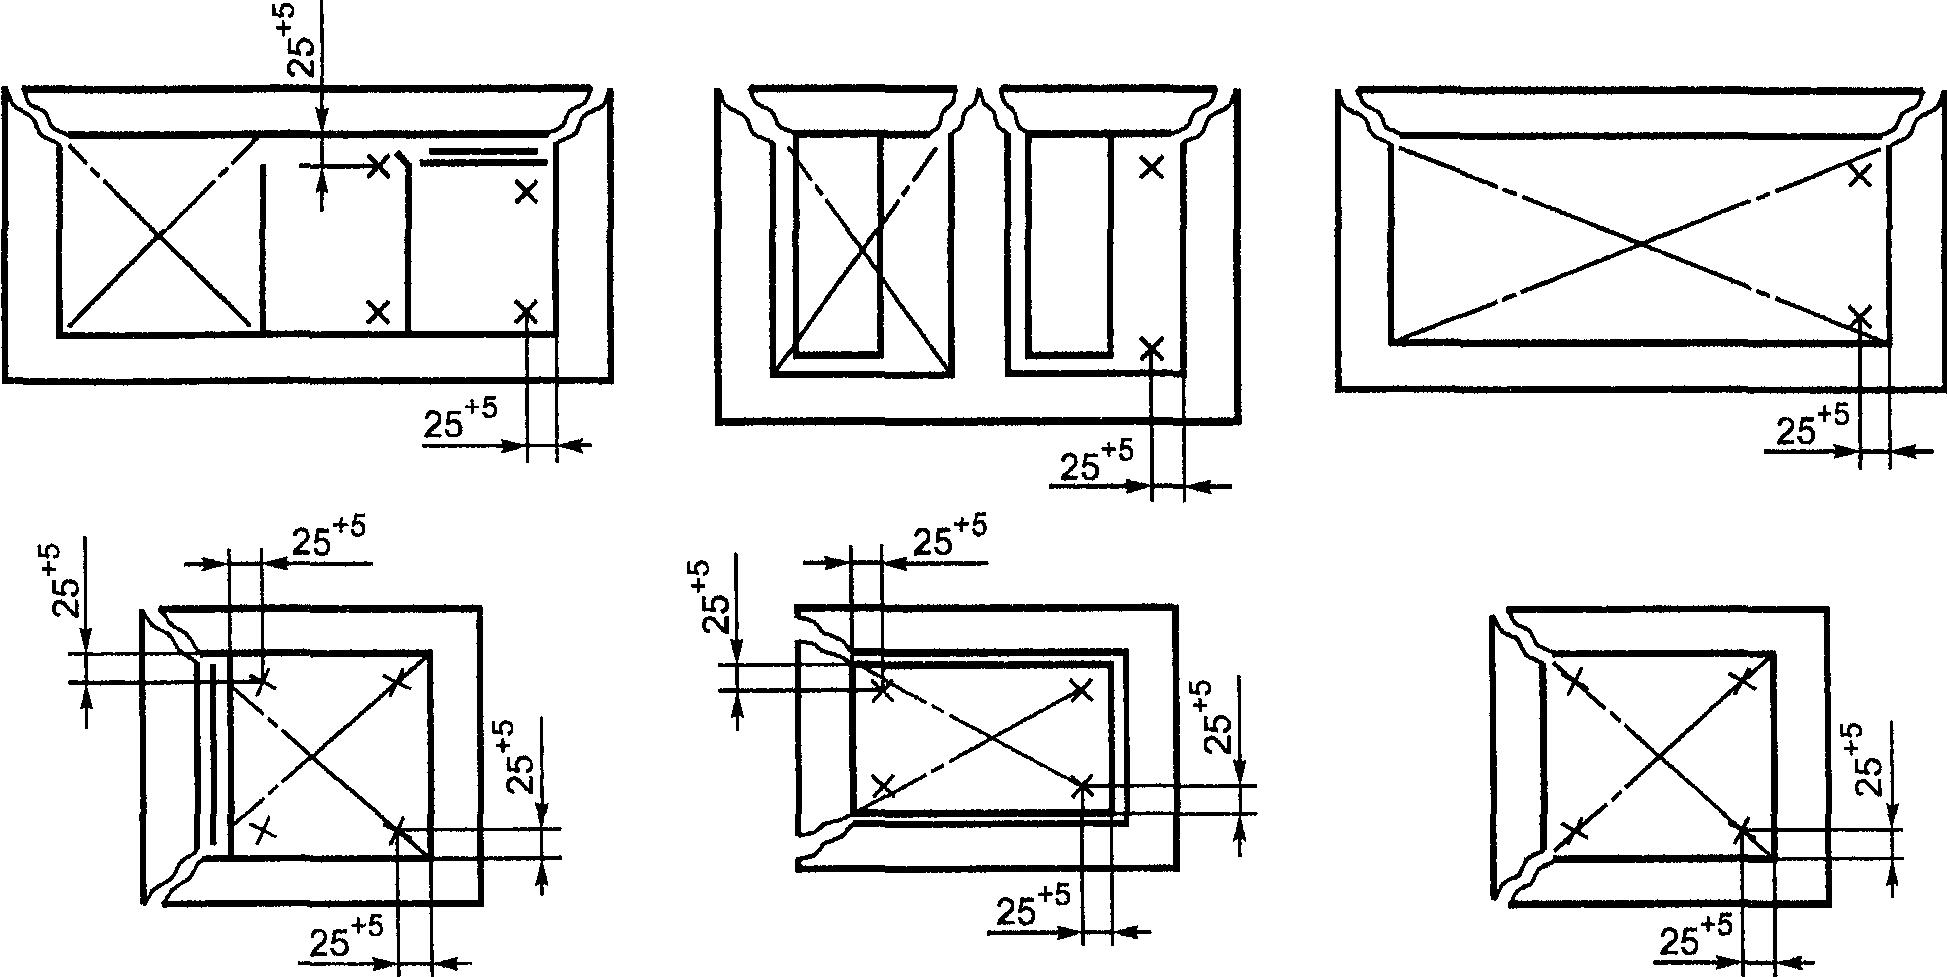 образец инструкции пользования опс в комнате хранения оружием